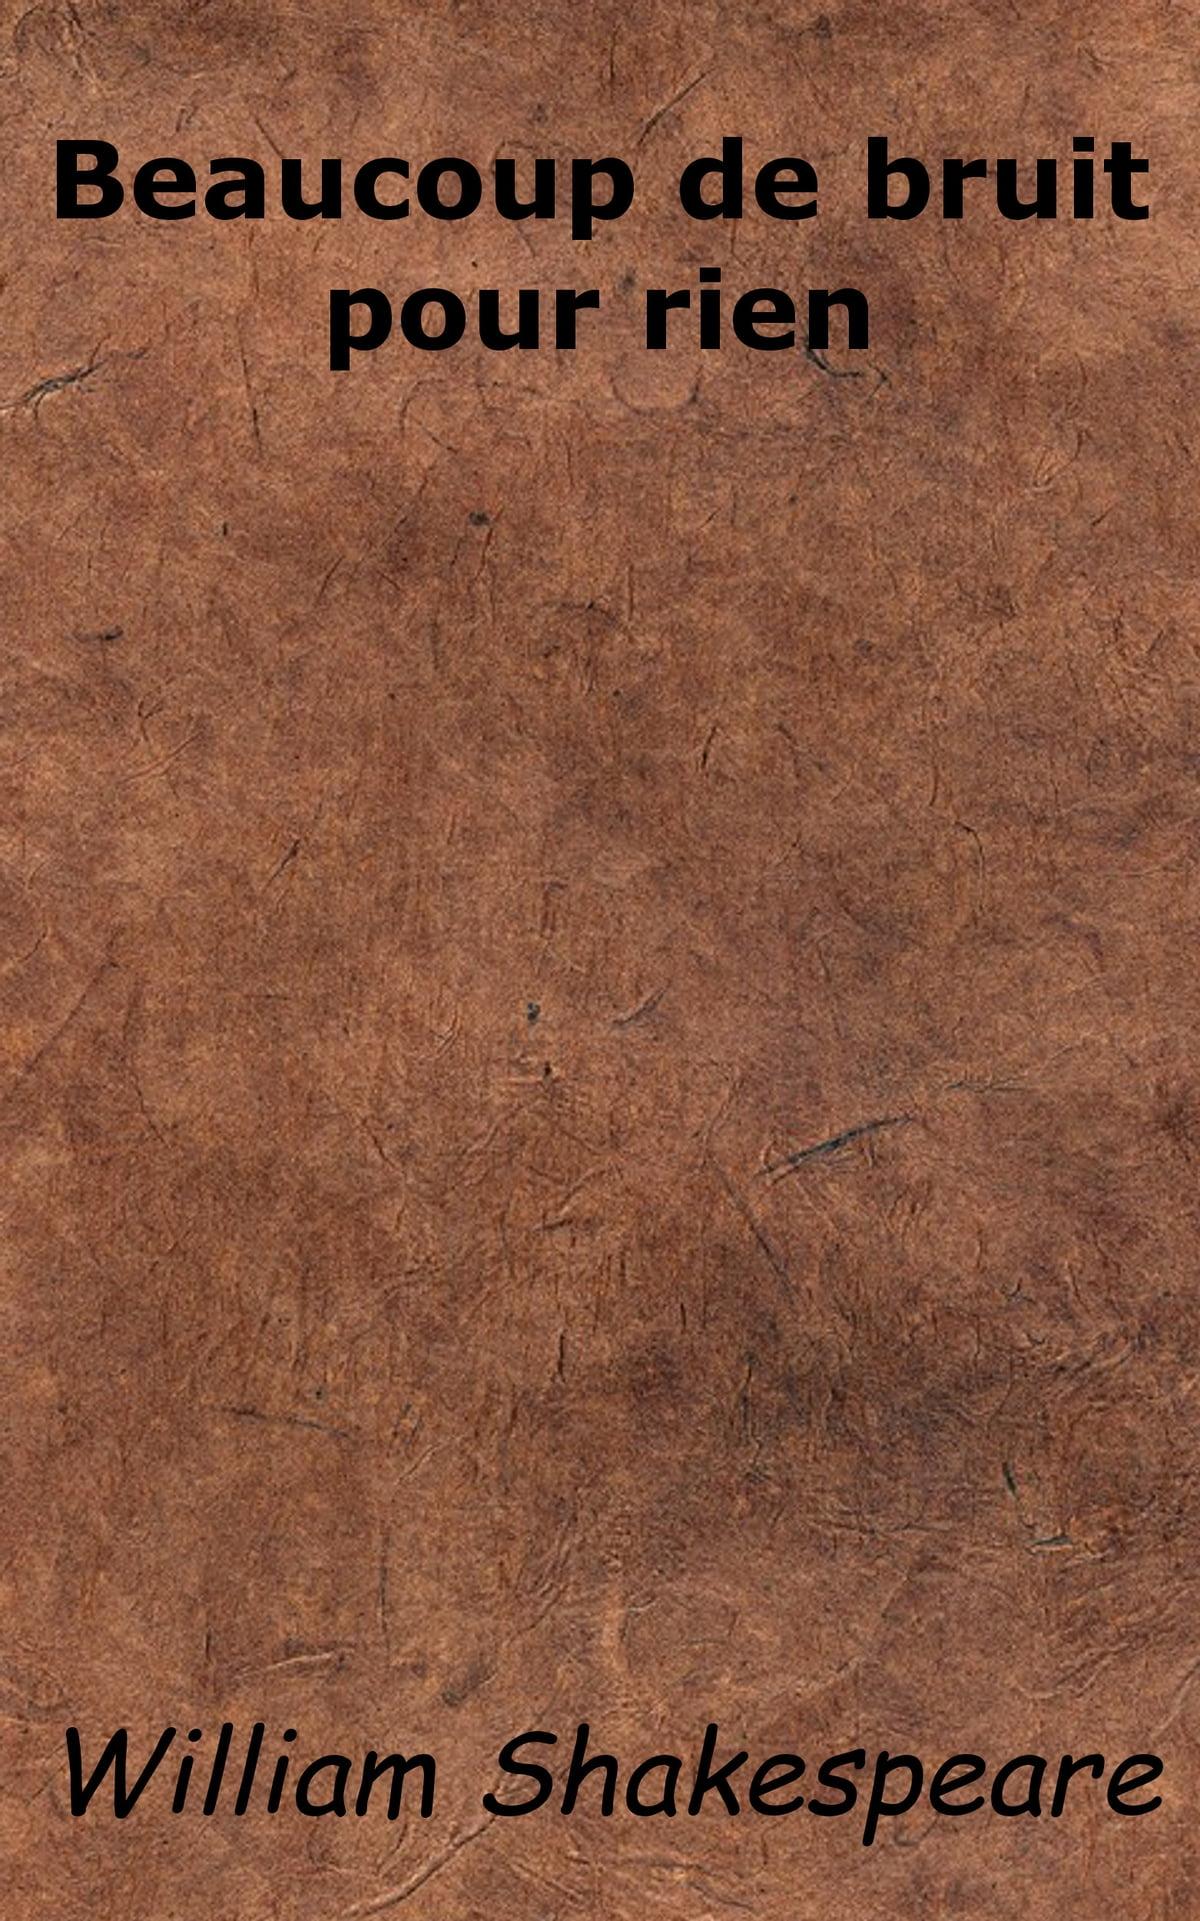 Beaucoup De Bruit Pour Rien Texte : beaucoup, bruit, texte, Beaucoup, Bruit, EBook, William, Shakespeare, 1230001335460, Rakuten, United, States